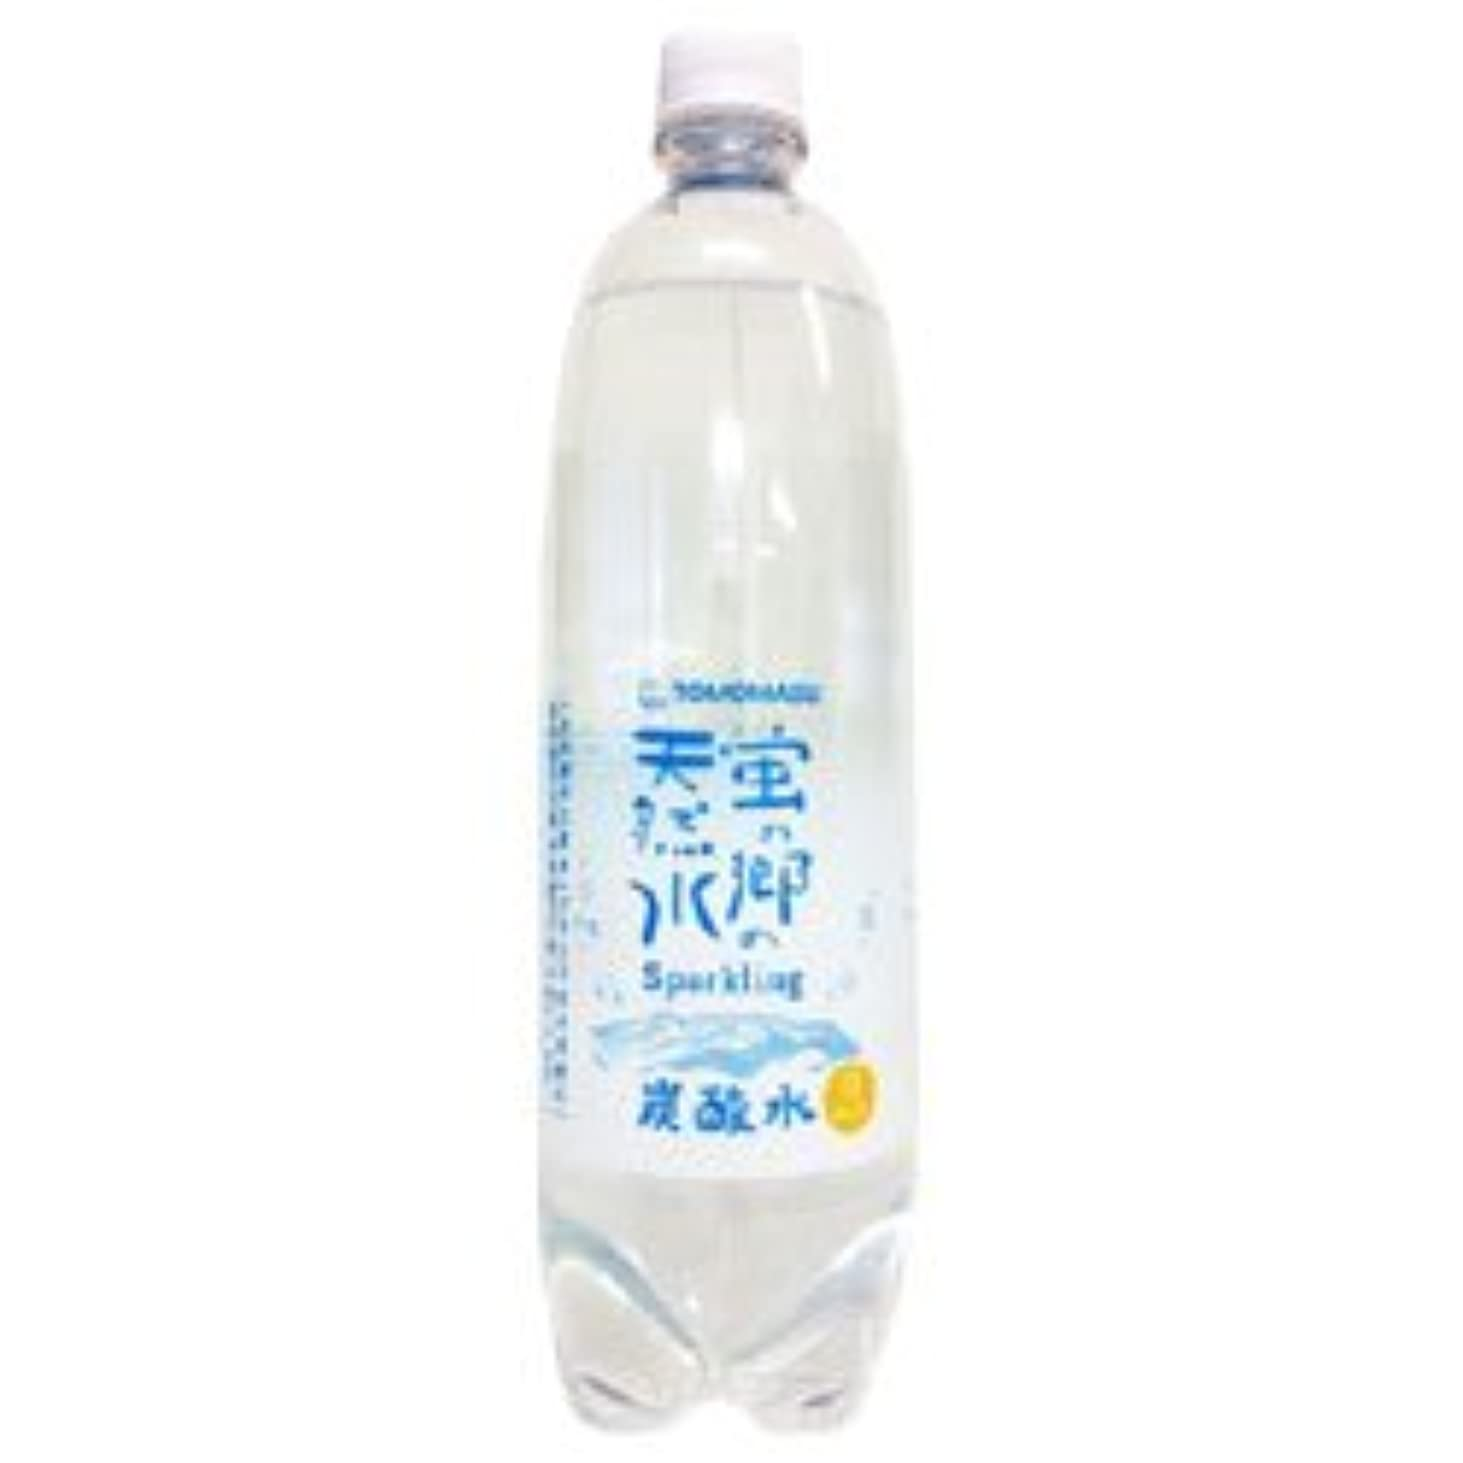 視線進む一般的に言えば友桝飲料 蛍の郷の天然水スパークリング 1Lペット 15本入